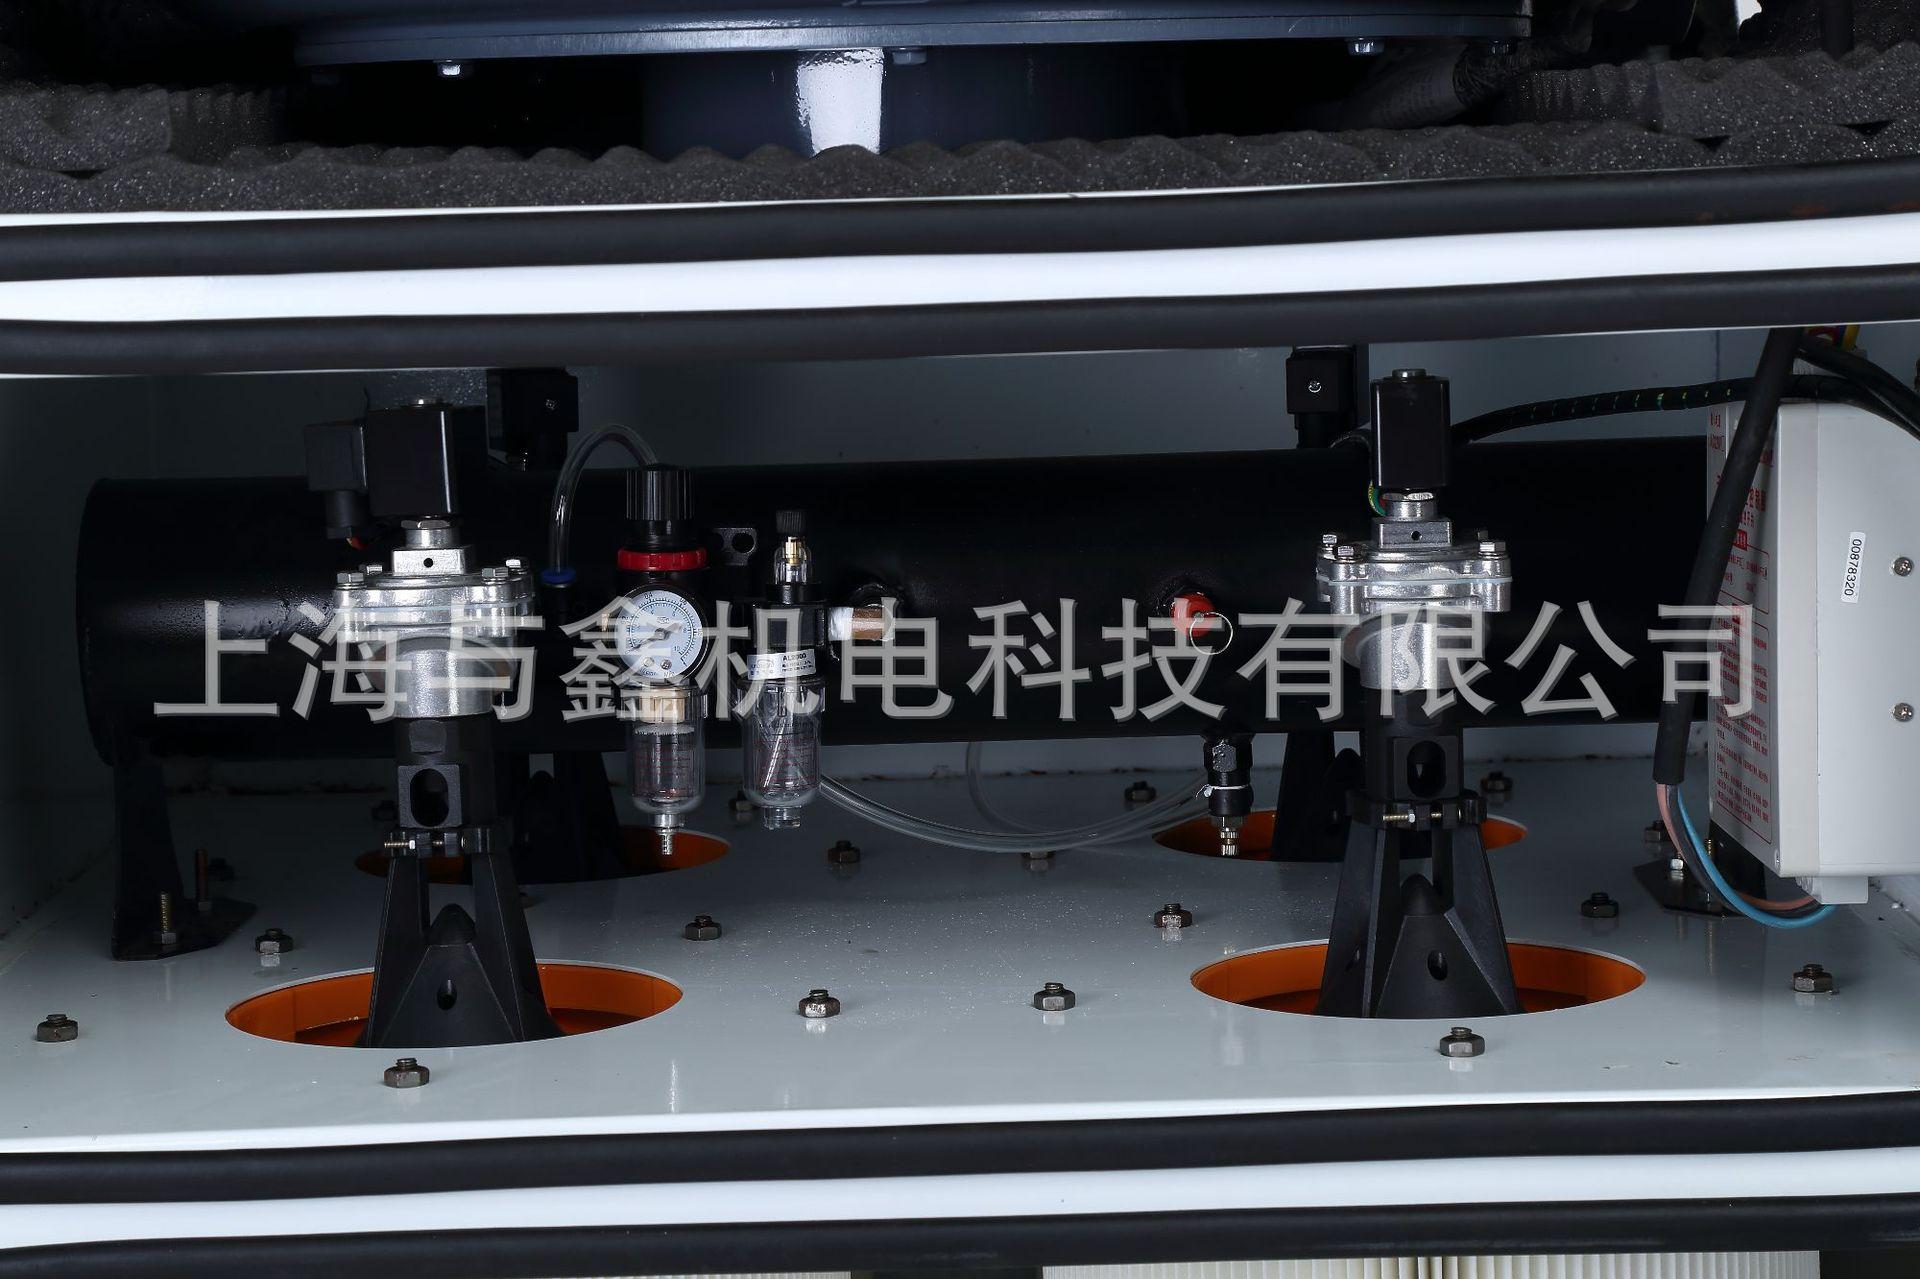 工业磨床粉尘吸尘器 打磨集尘器 磨床抛光除尘器 车间扬尘集尘机 大功率磨床吸尘器示例图5